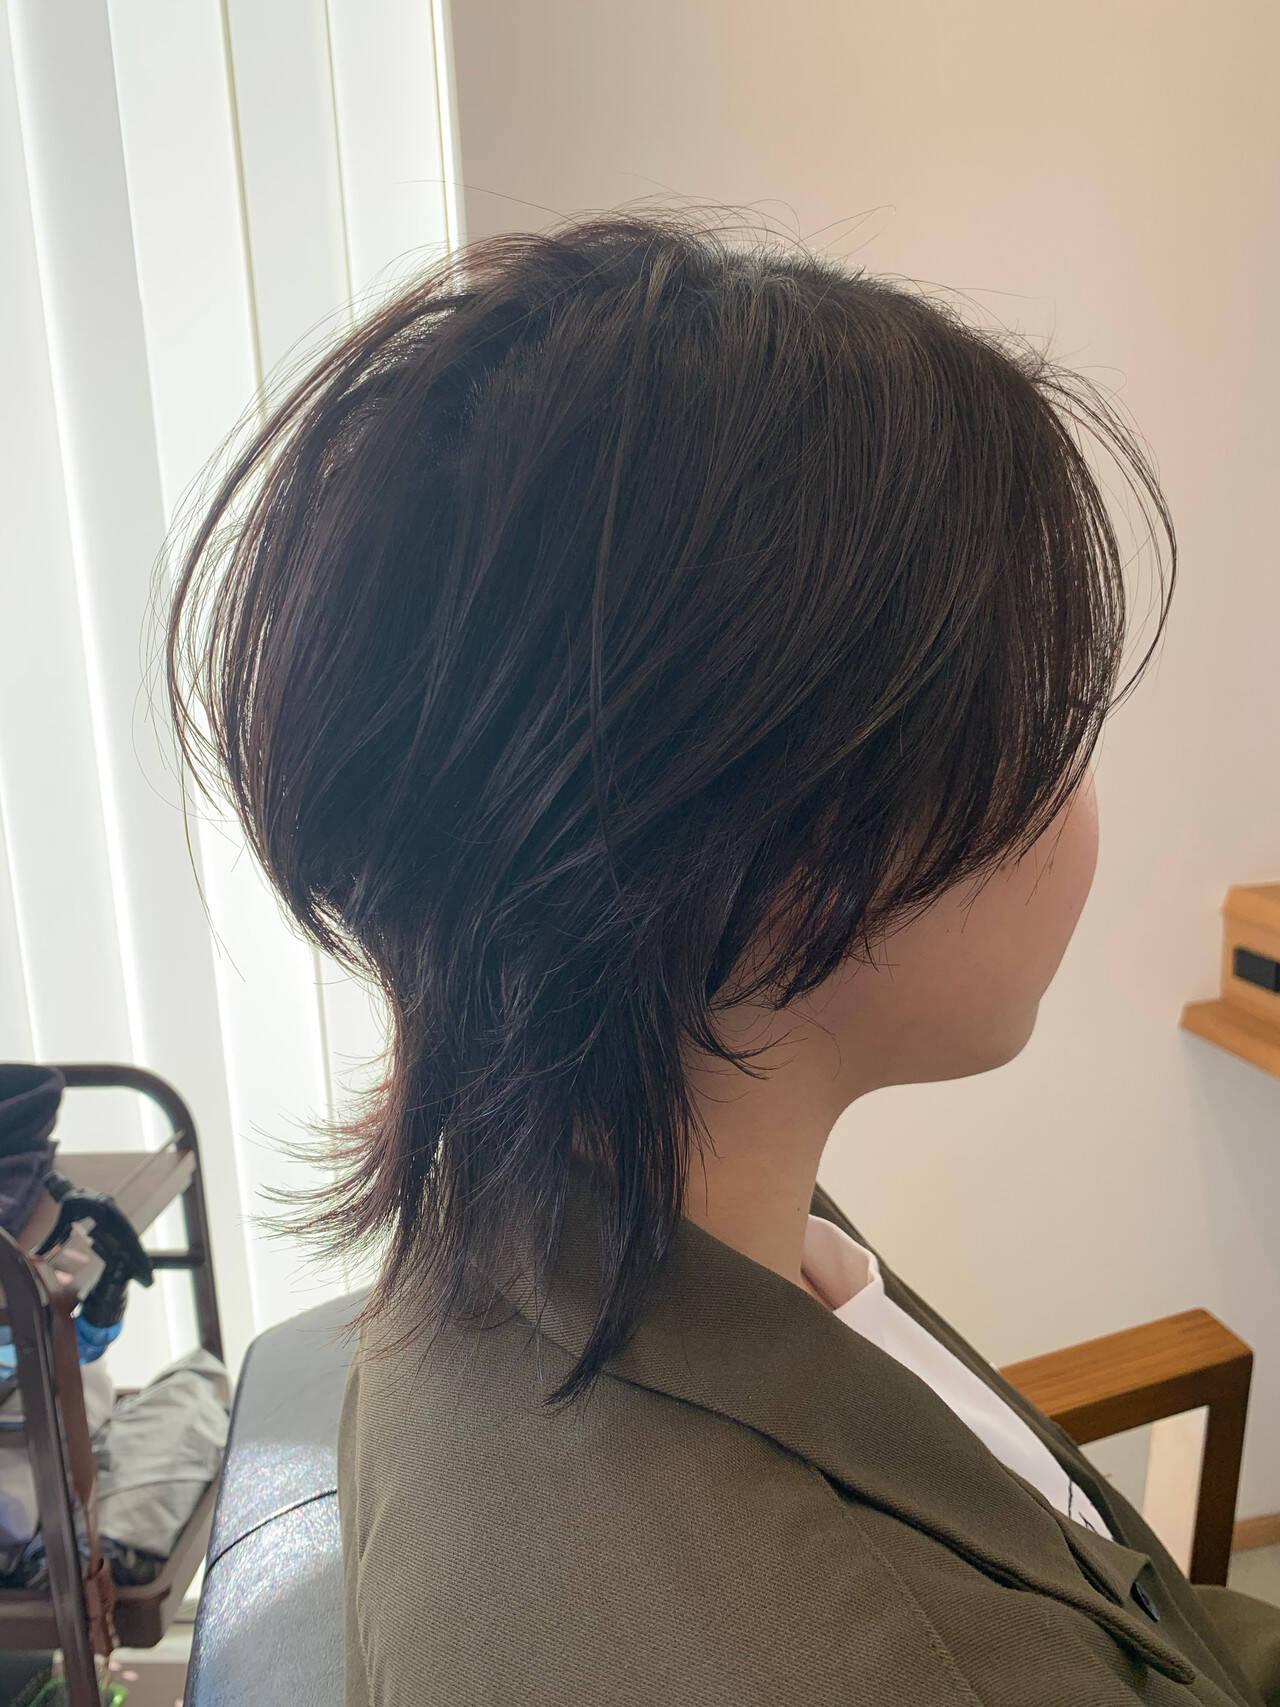 ショート マッシュウルフ ショートヘア ウルフカットヘアスタイルや髪型の写真・画像